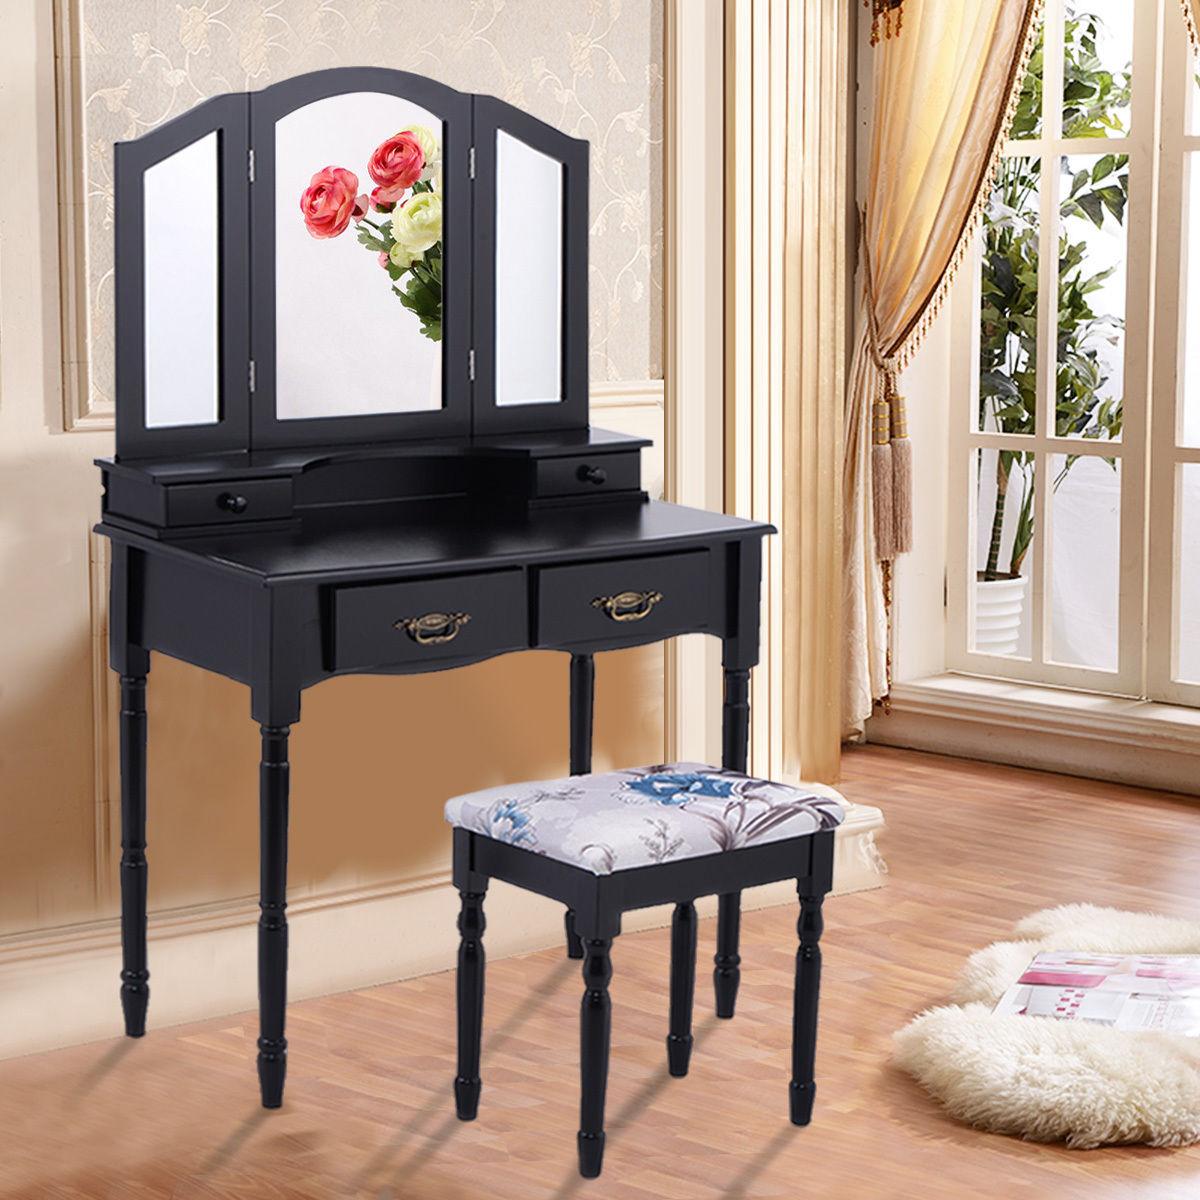 Giantex noir Tri pliant miroir vanité maquillage Table tabouret ensemble maison chambre meubles modernes commodes avec 4 tiroirs HW54073BK